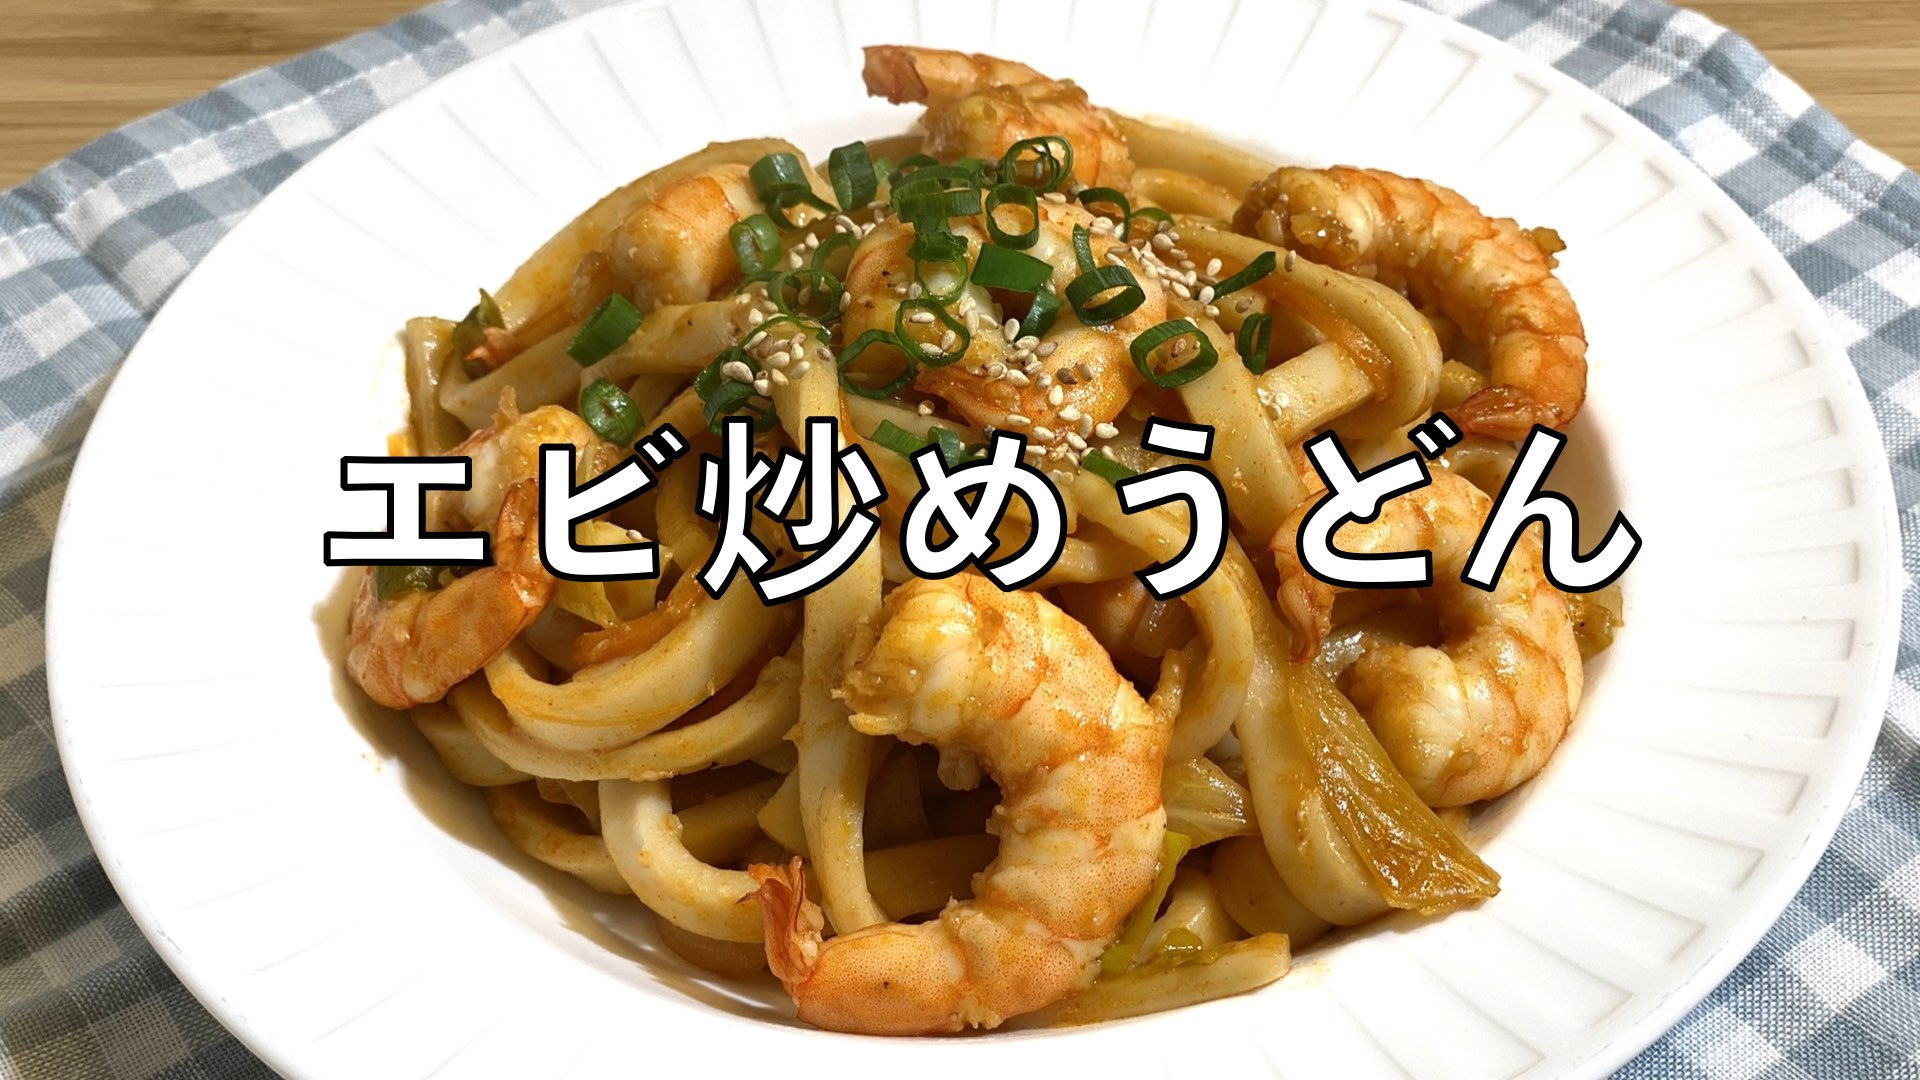 エビ炒めうどん 作り方 | Olive家の簡単レシピ | プリプリのエビと歯応えの良いうどん麺のコラボ | 程よい辛さの炒めうどん🌶 | 外食している気分になる一品♪